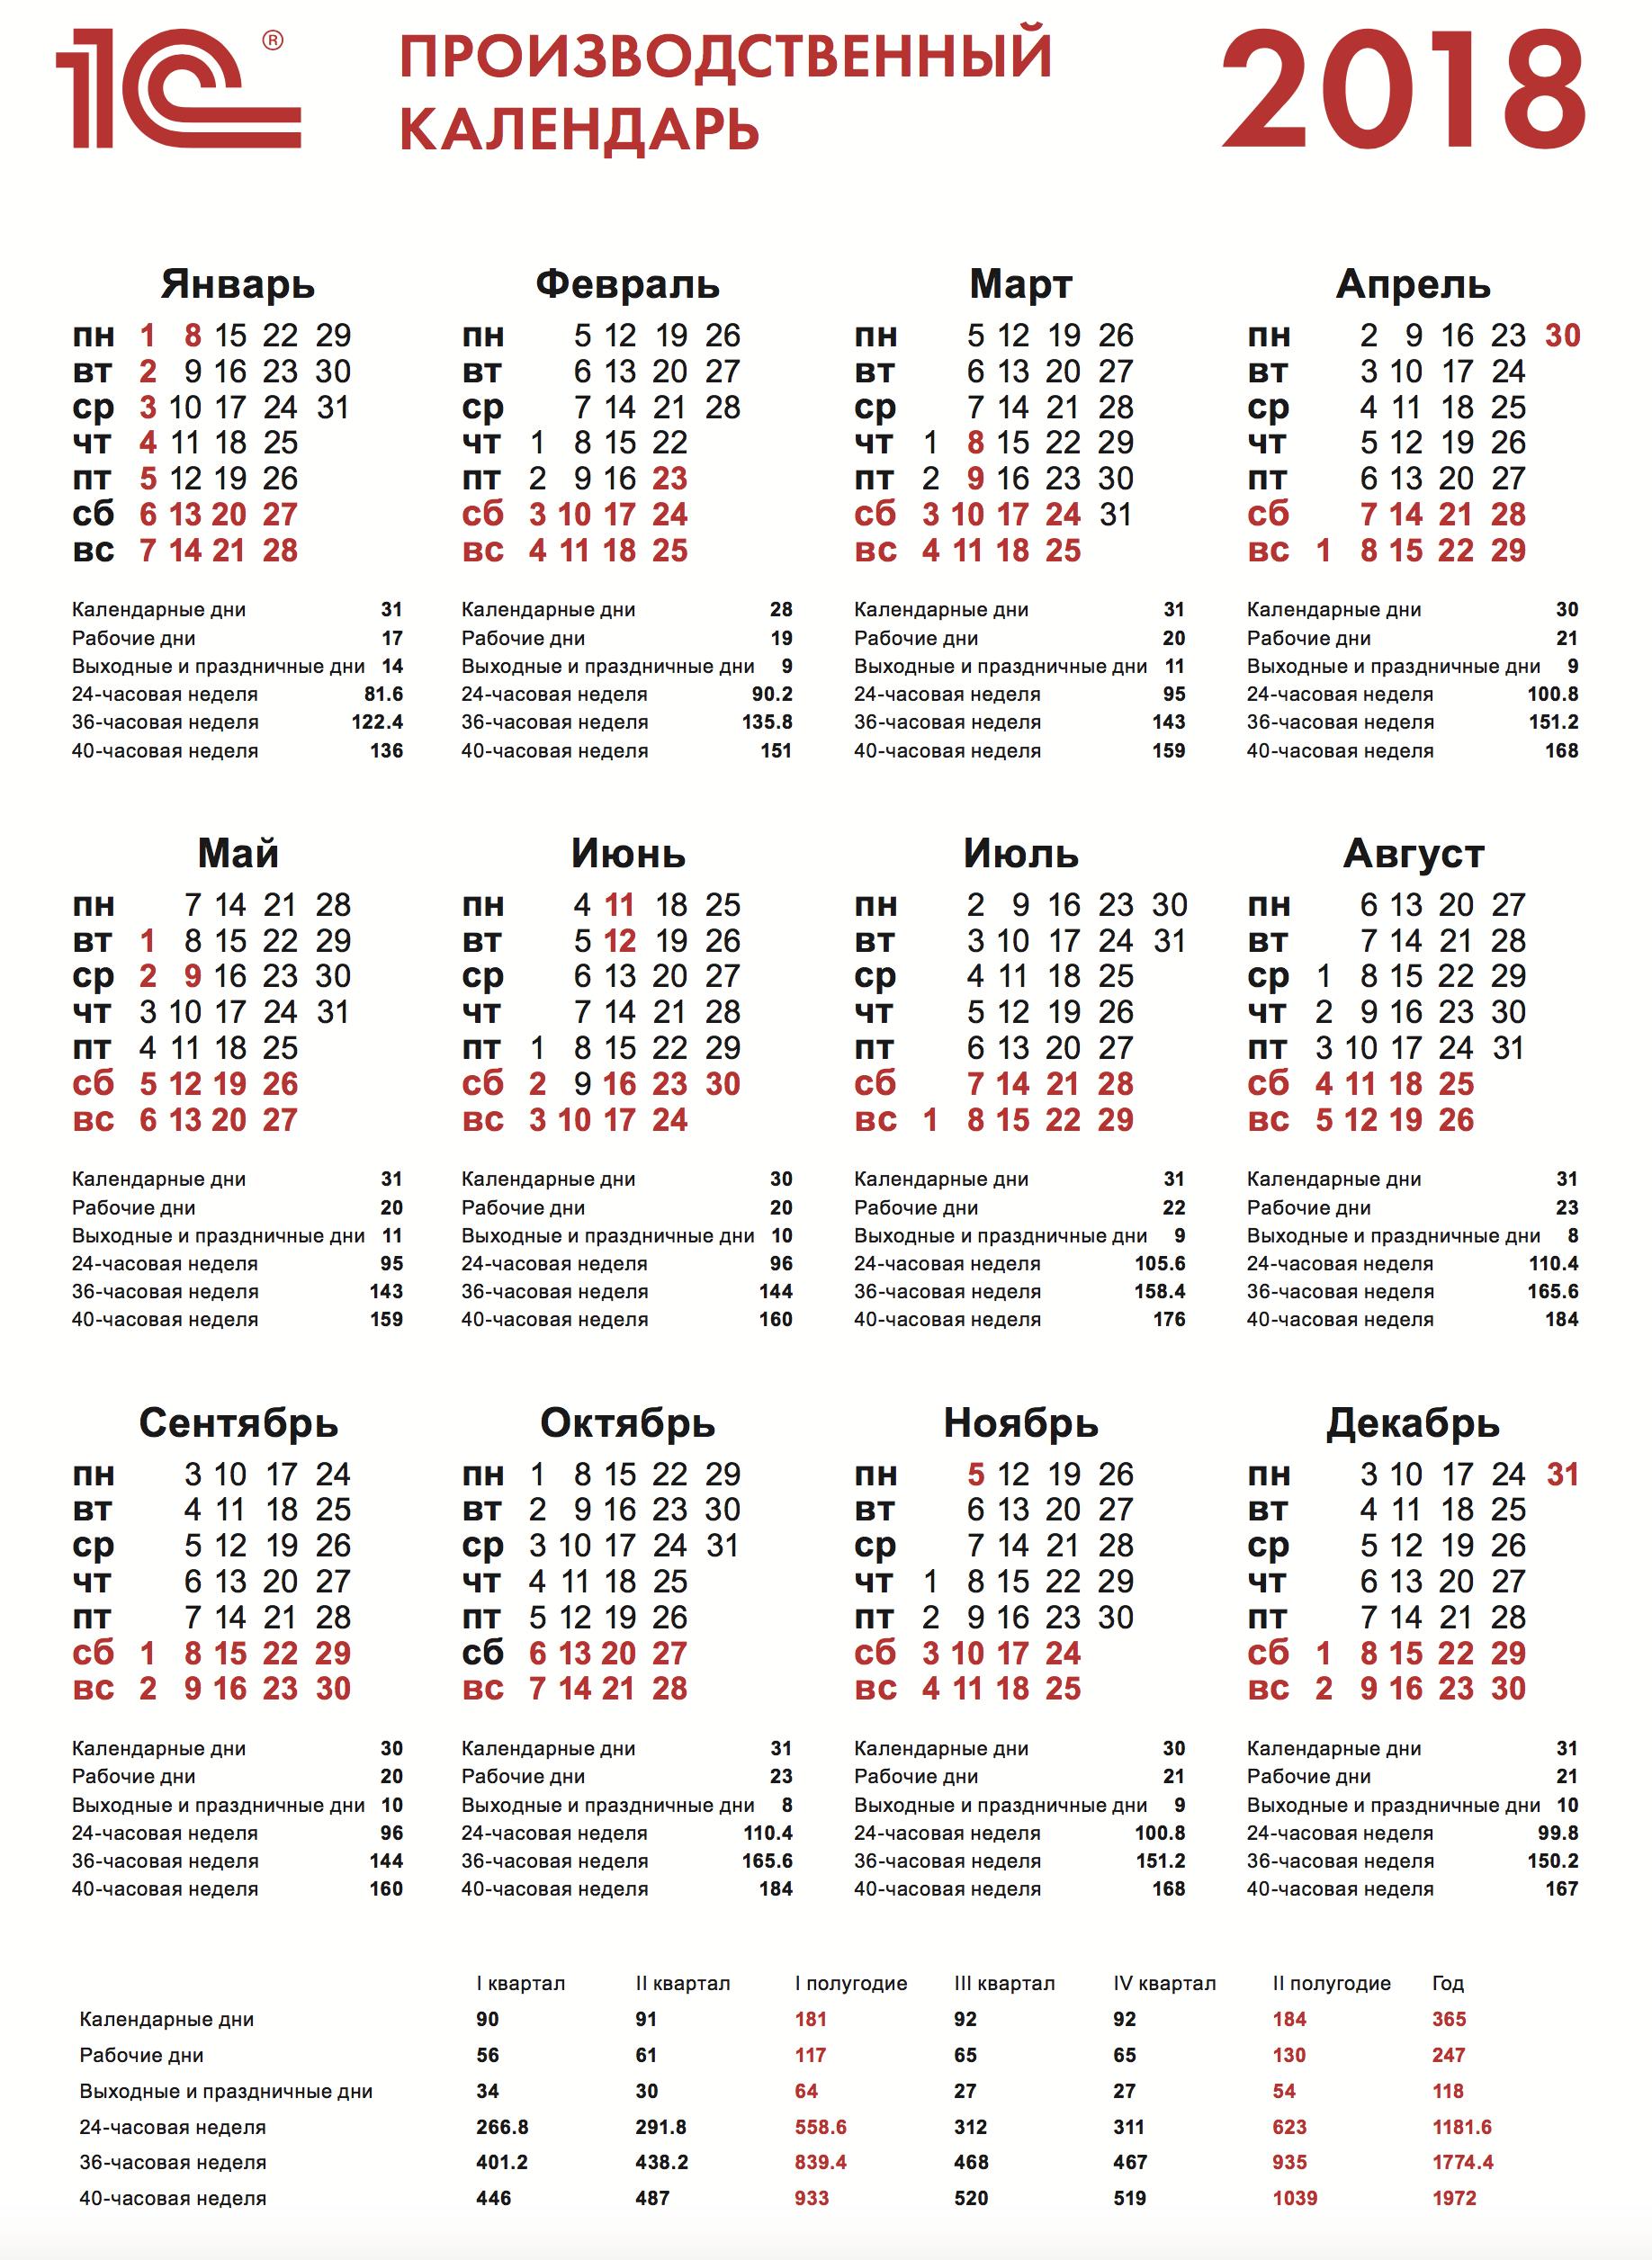 Как отдыхаем в октябре 2018, официальные выходные